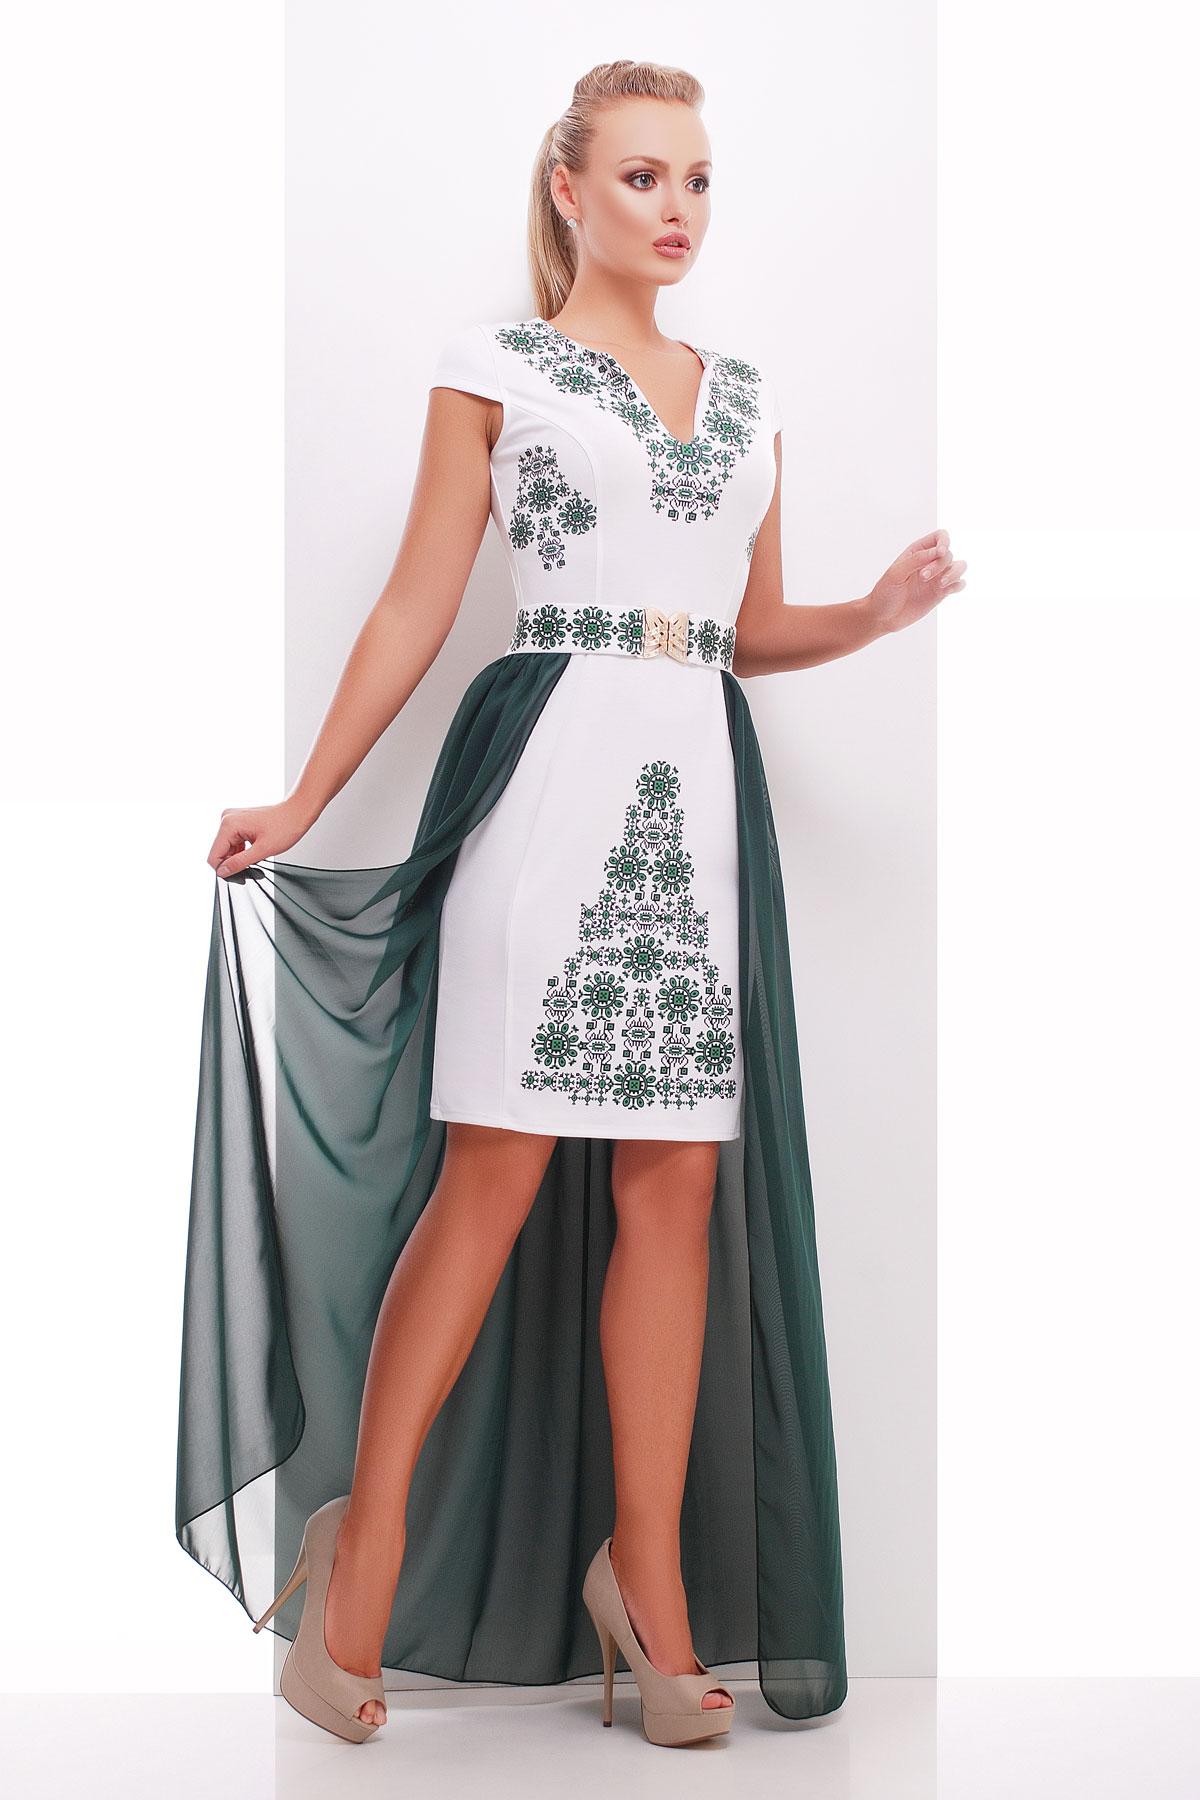 7c4343bb7be платье большого размера с шифоновой юбкой. Орнамент-изумруд платье  Аркадия-Б б